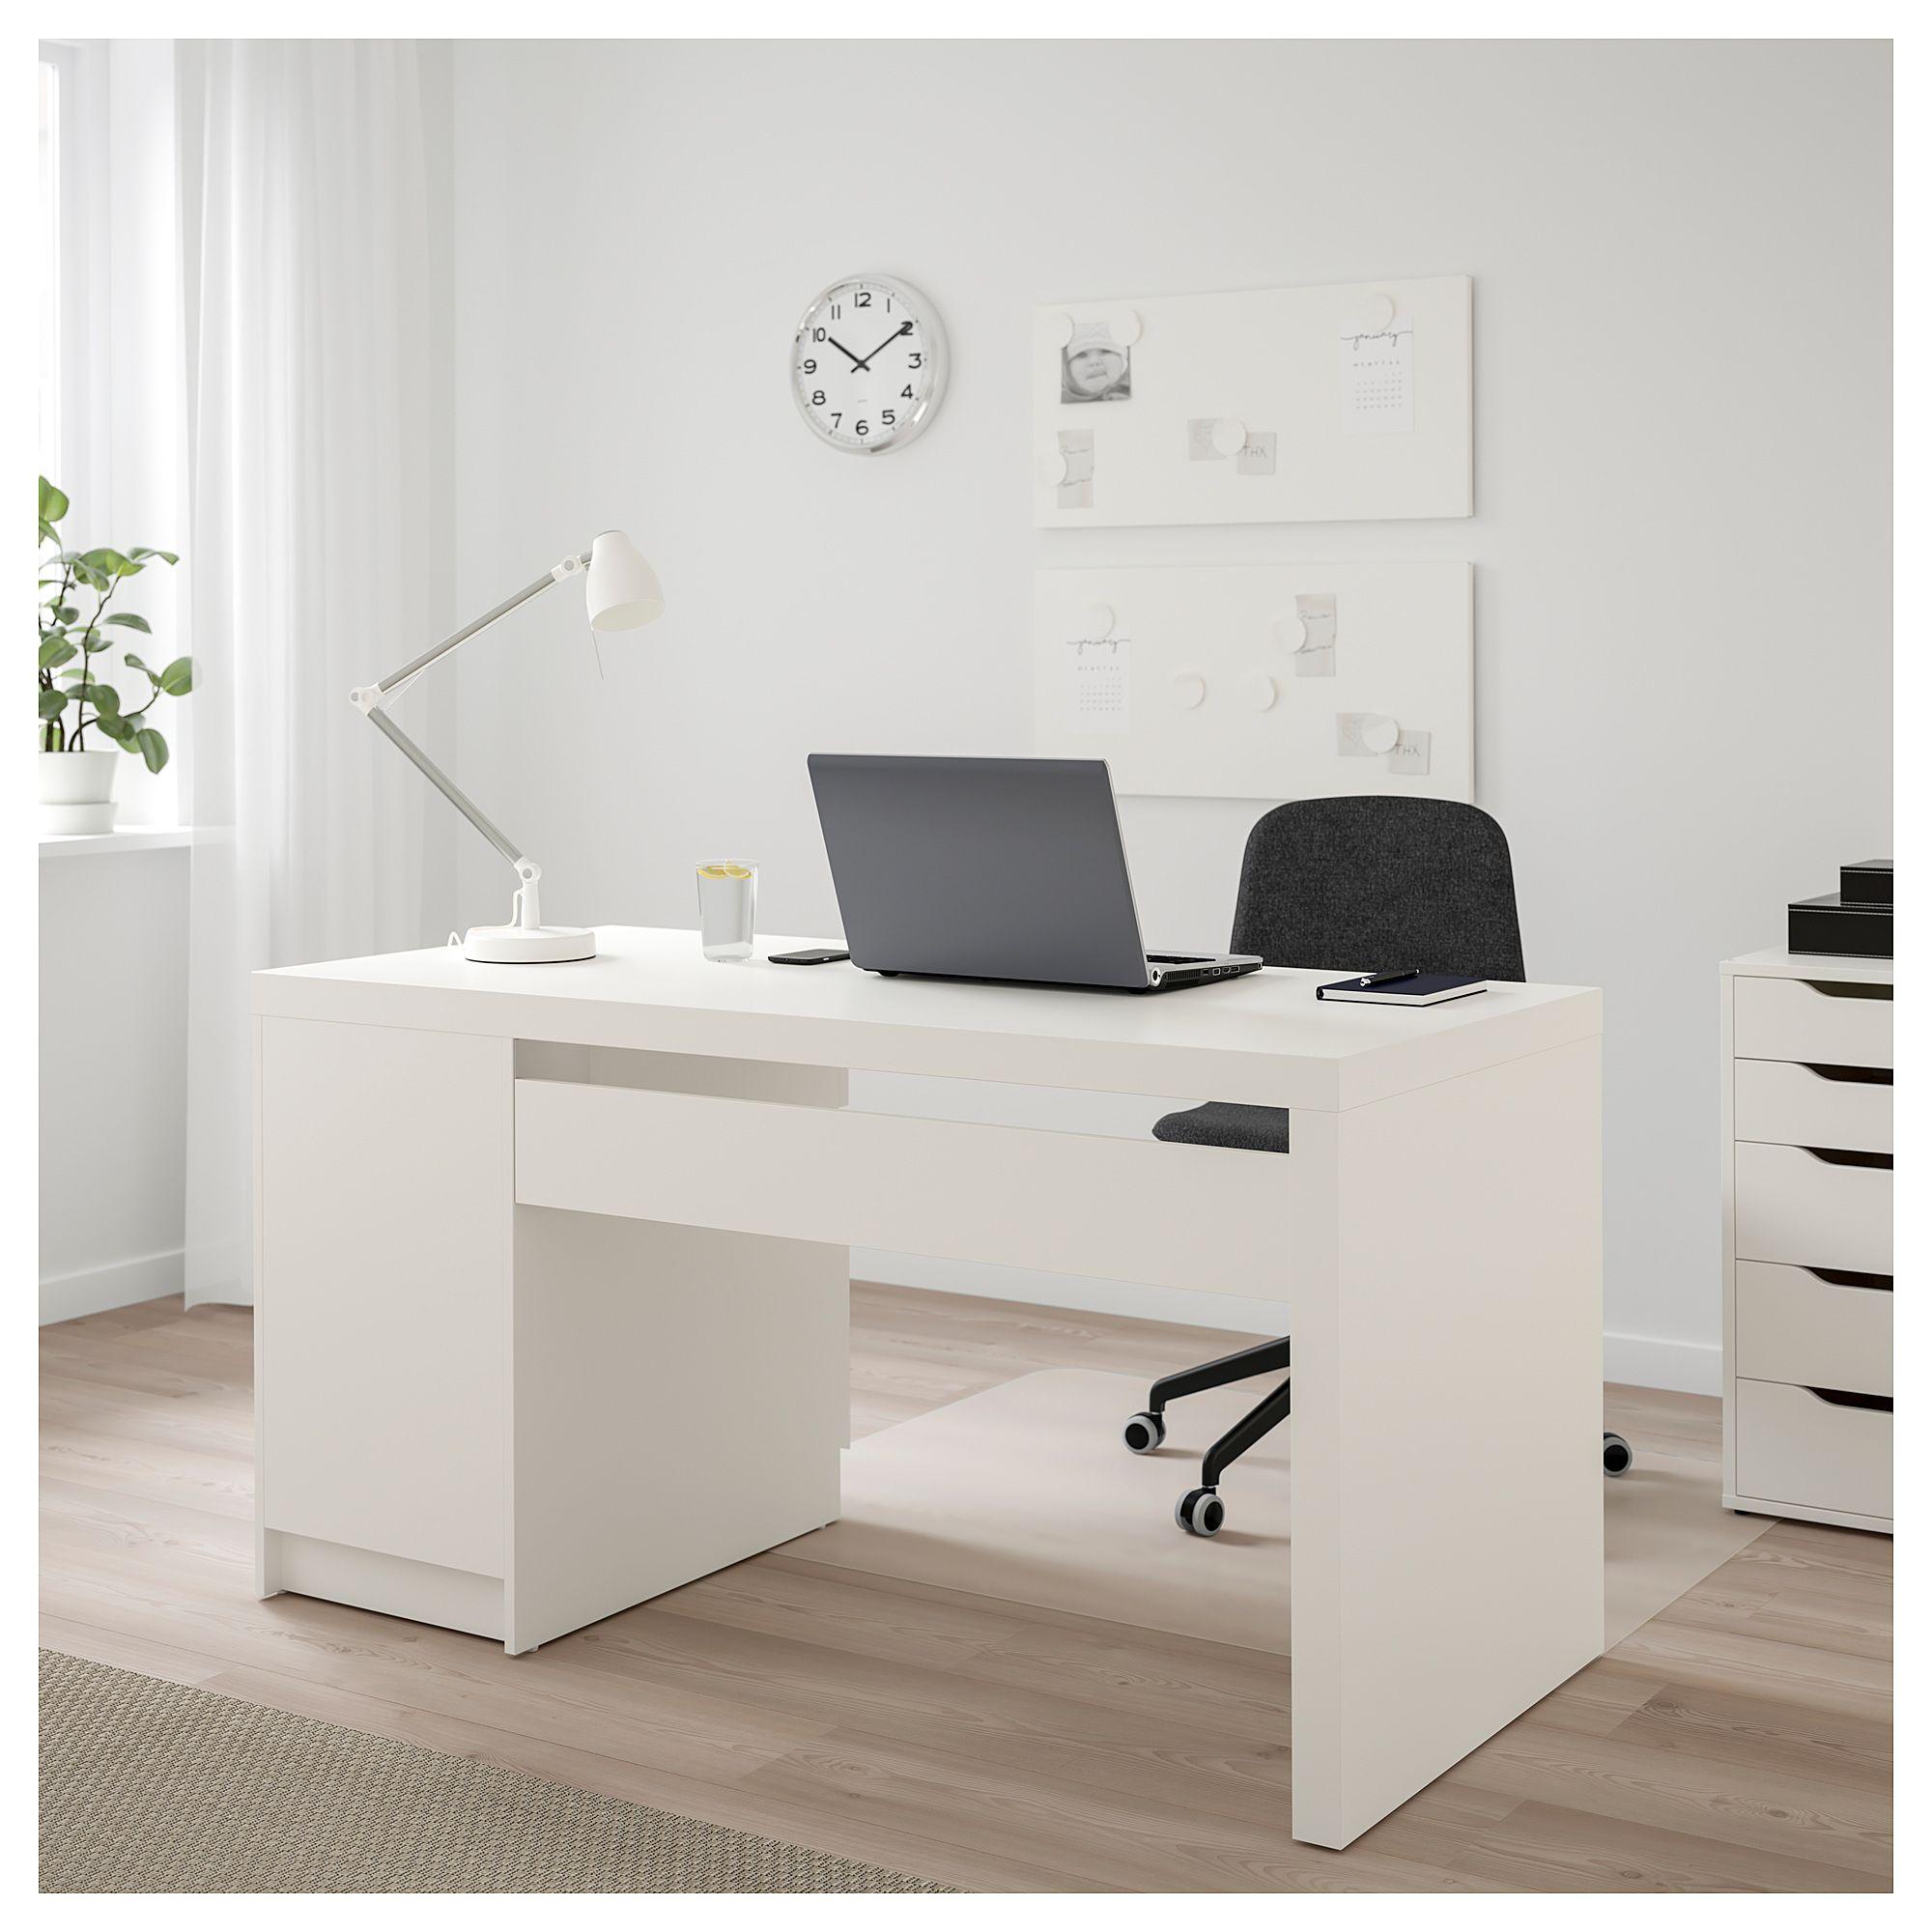 Malm Schreibtisch Weiß In 2019 White Desks Ikea Malm Desk